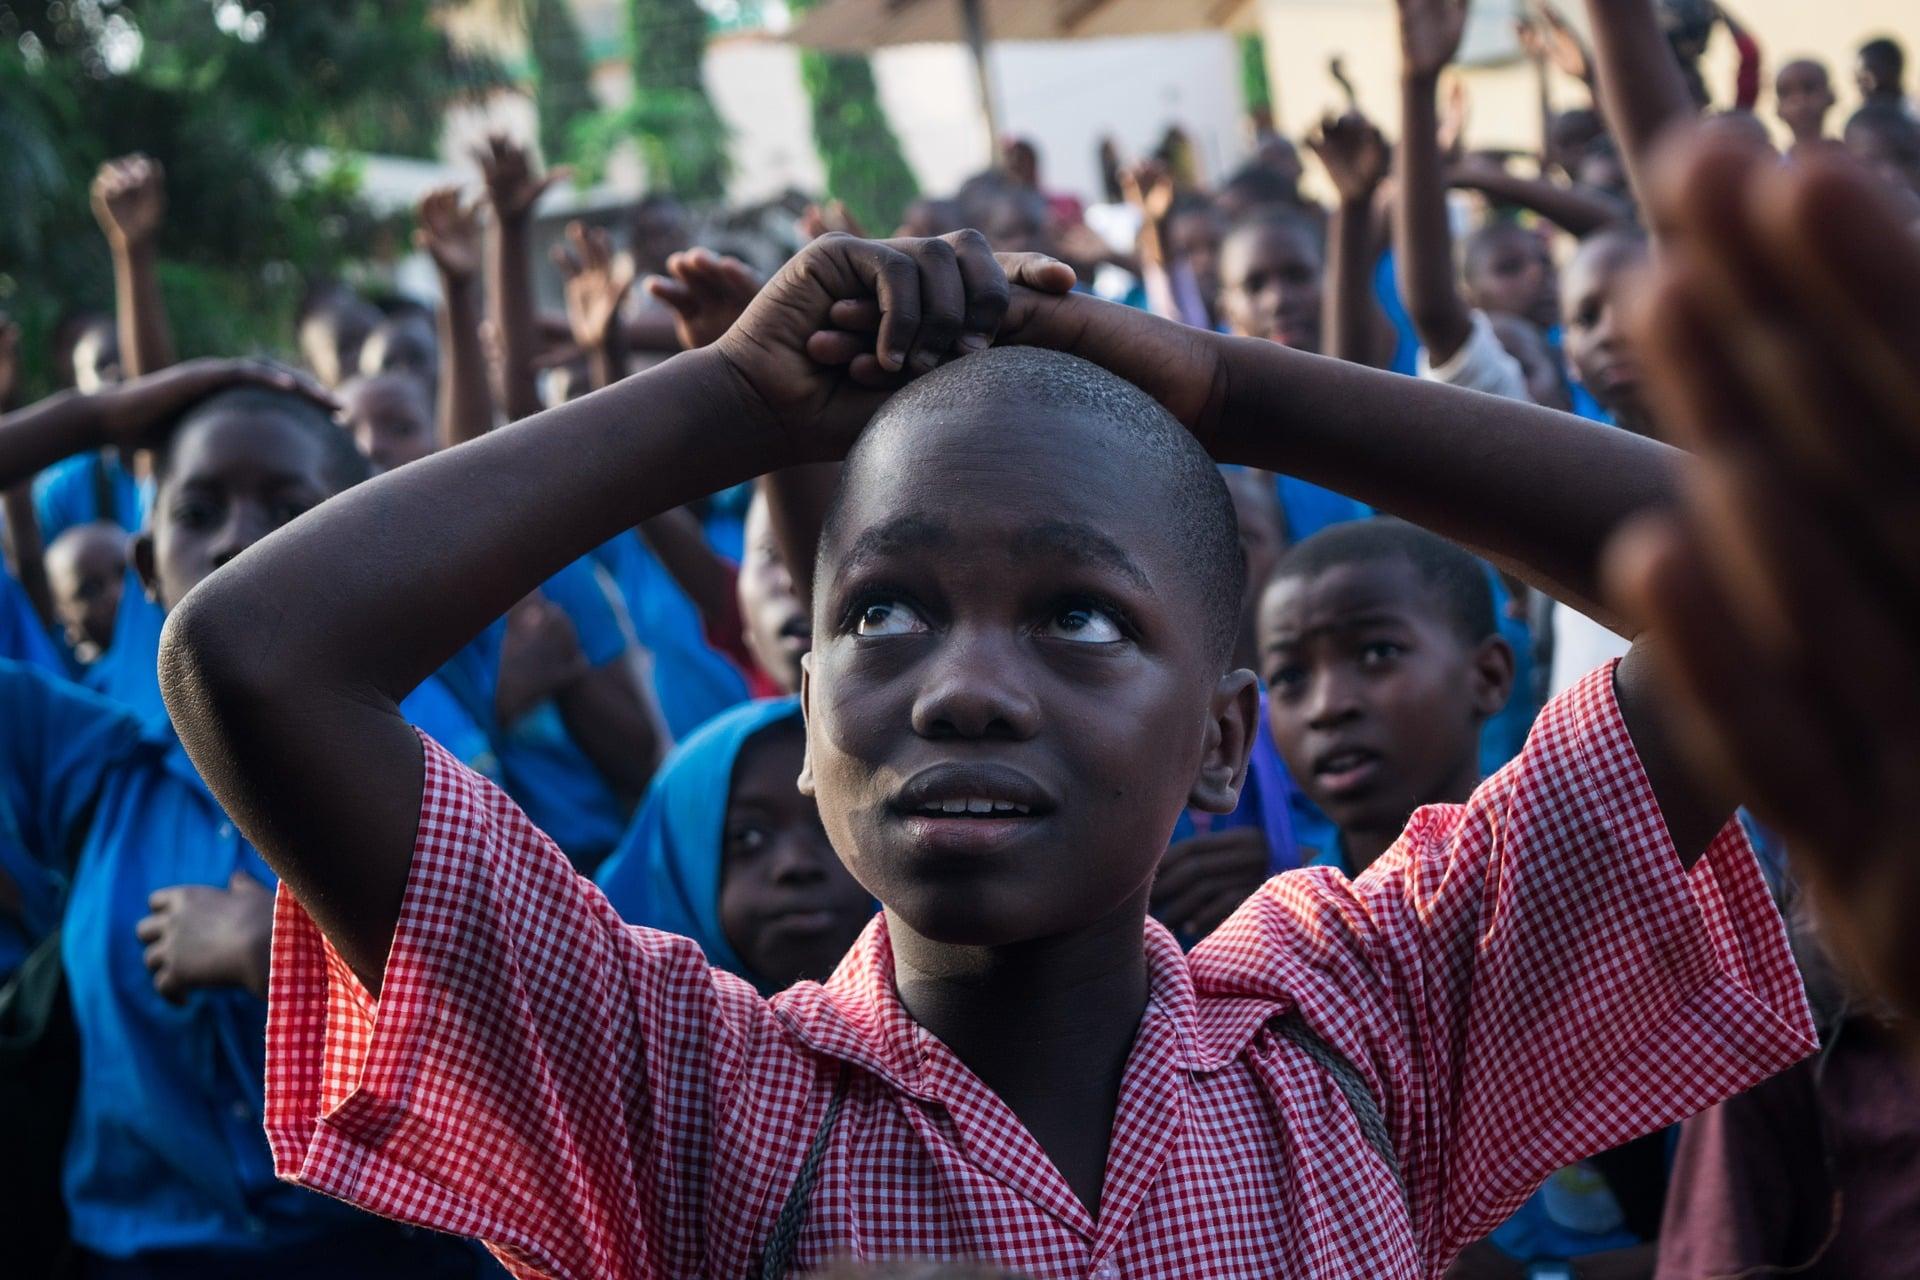 Volontariato Internazionale in Kenya assistenza ed istruzione ai bambini